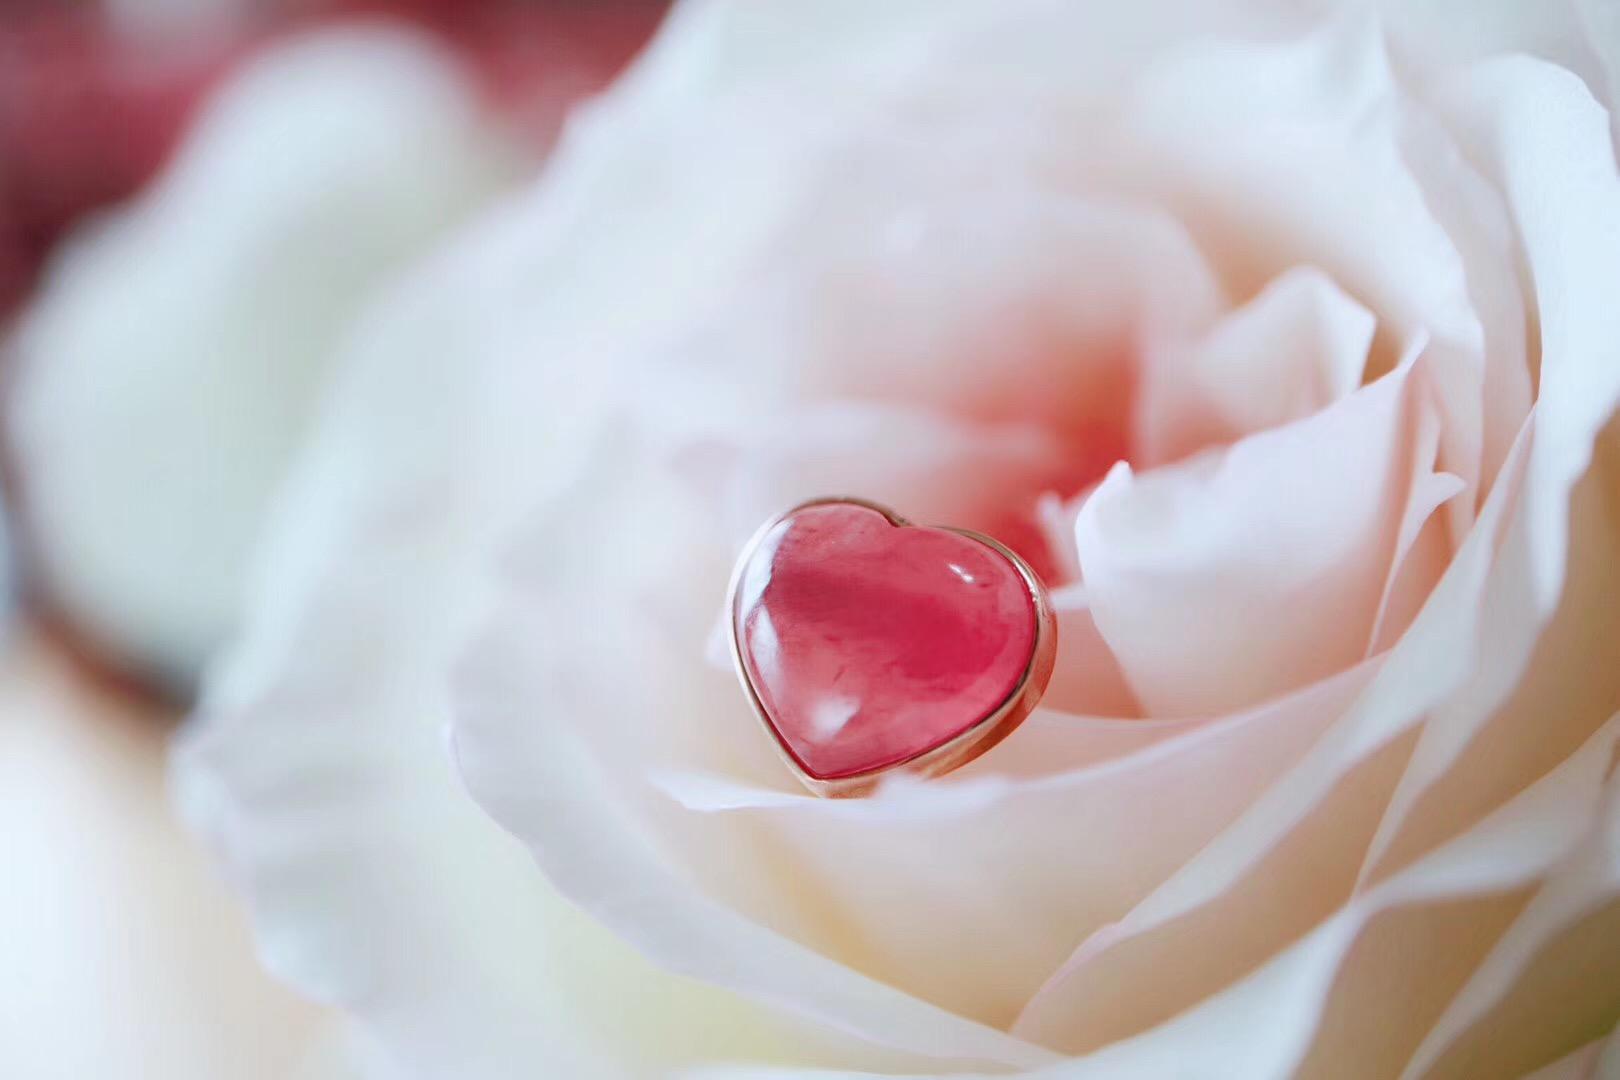 【菩心冰种红纹石】心灵从未被伤害,爱一直都在-菩心晶舍